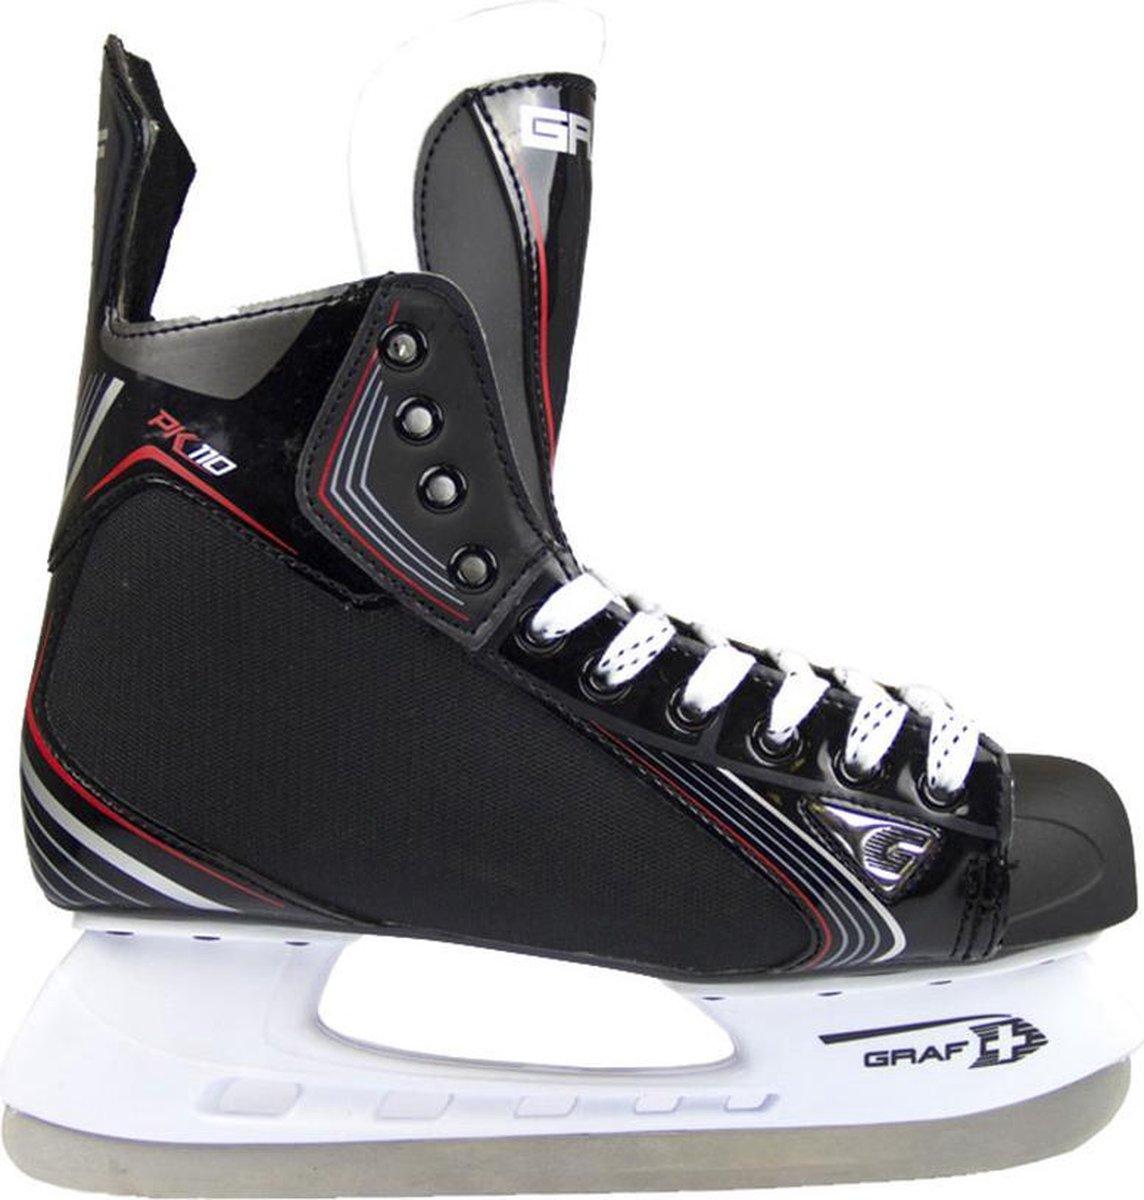 Graf Ijshockeyschaatsen PK110 Unisex Maat 36